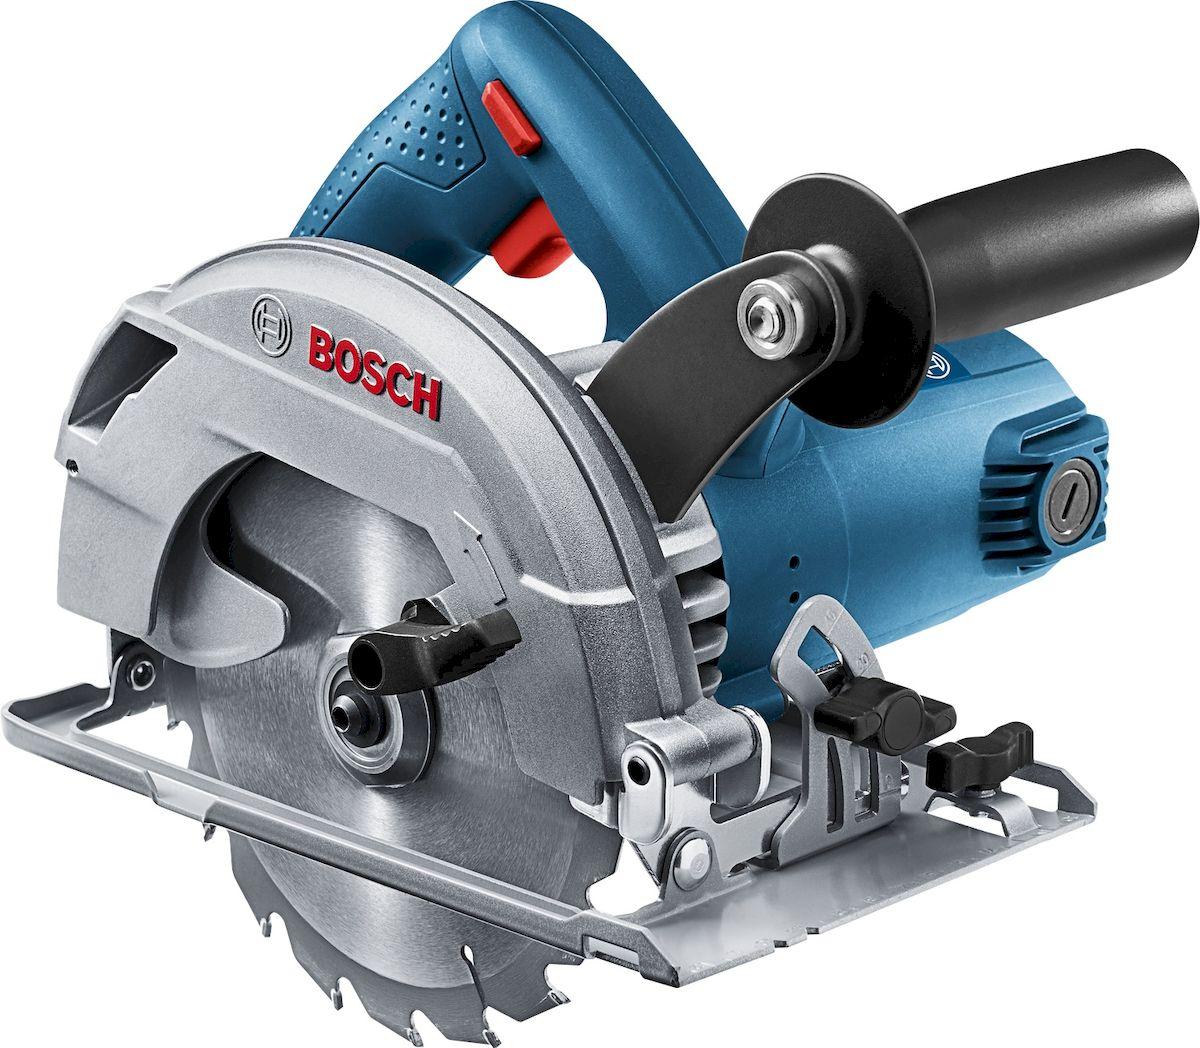 Пила циркулярная Bosch GKS 600. 06016A9020 дисковая пила bosch gks 190 0 601 623 000